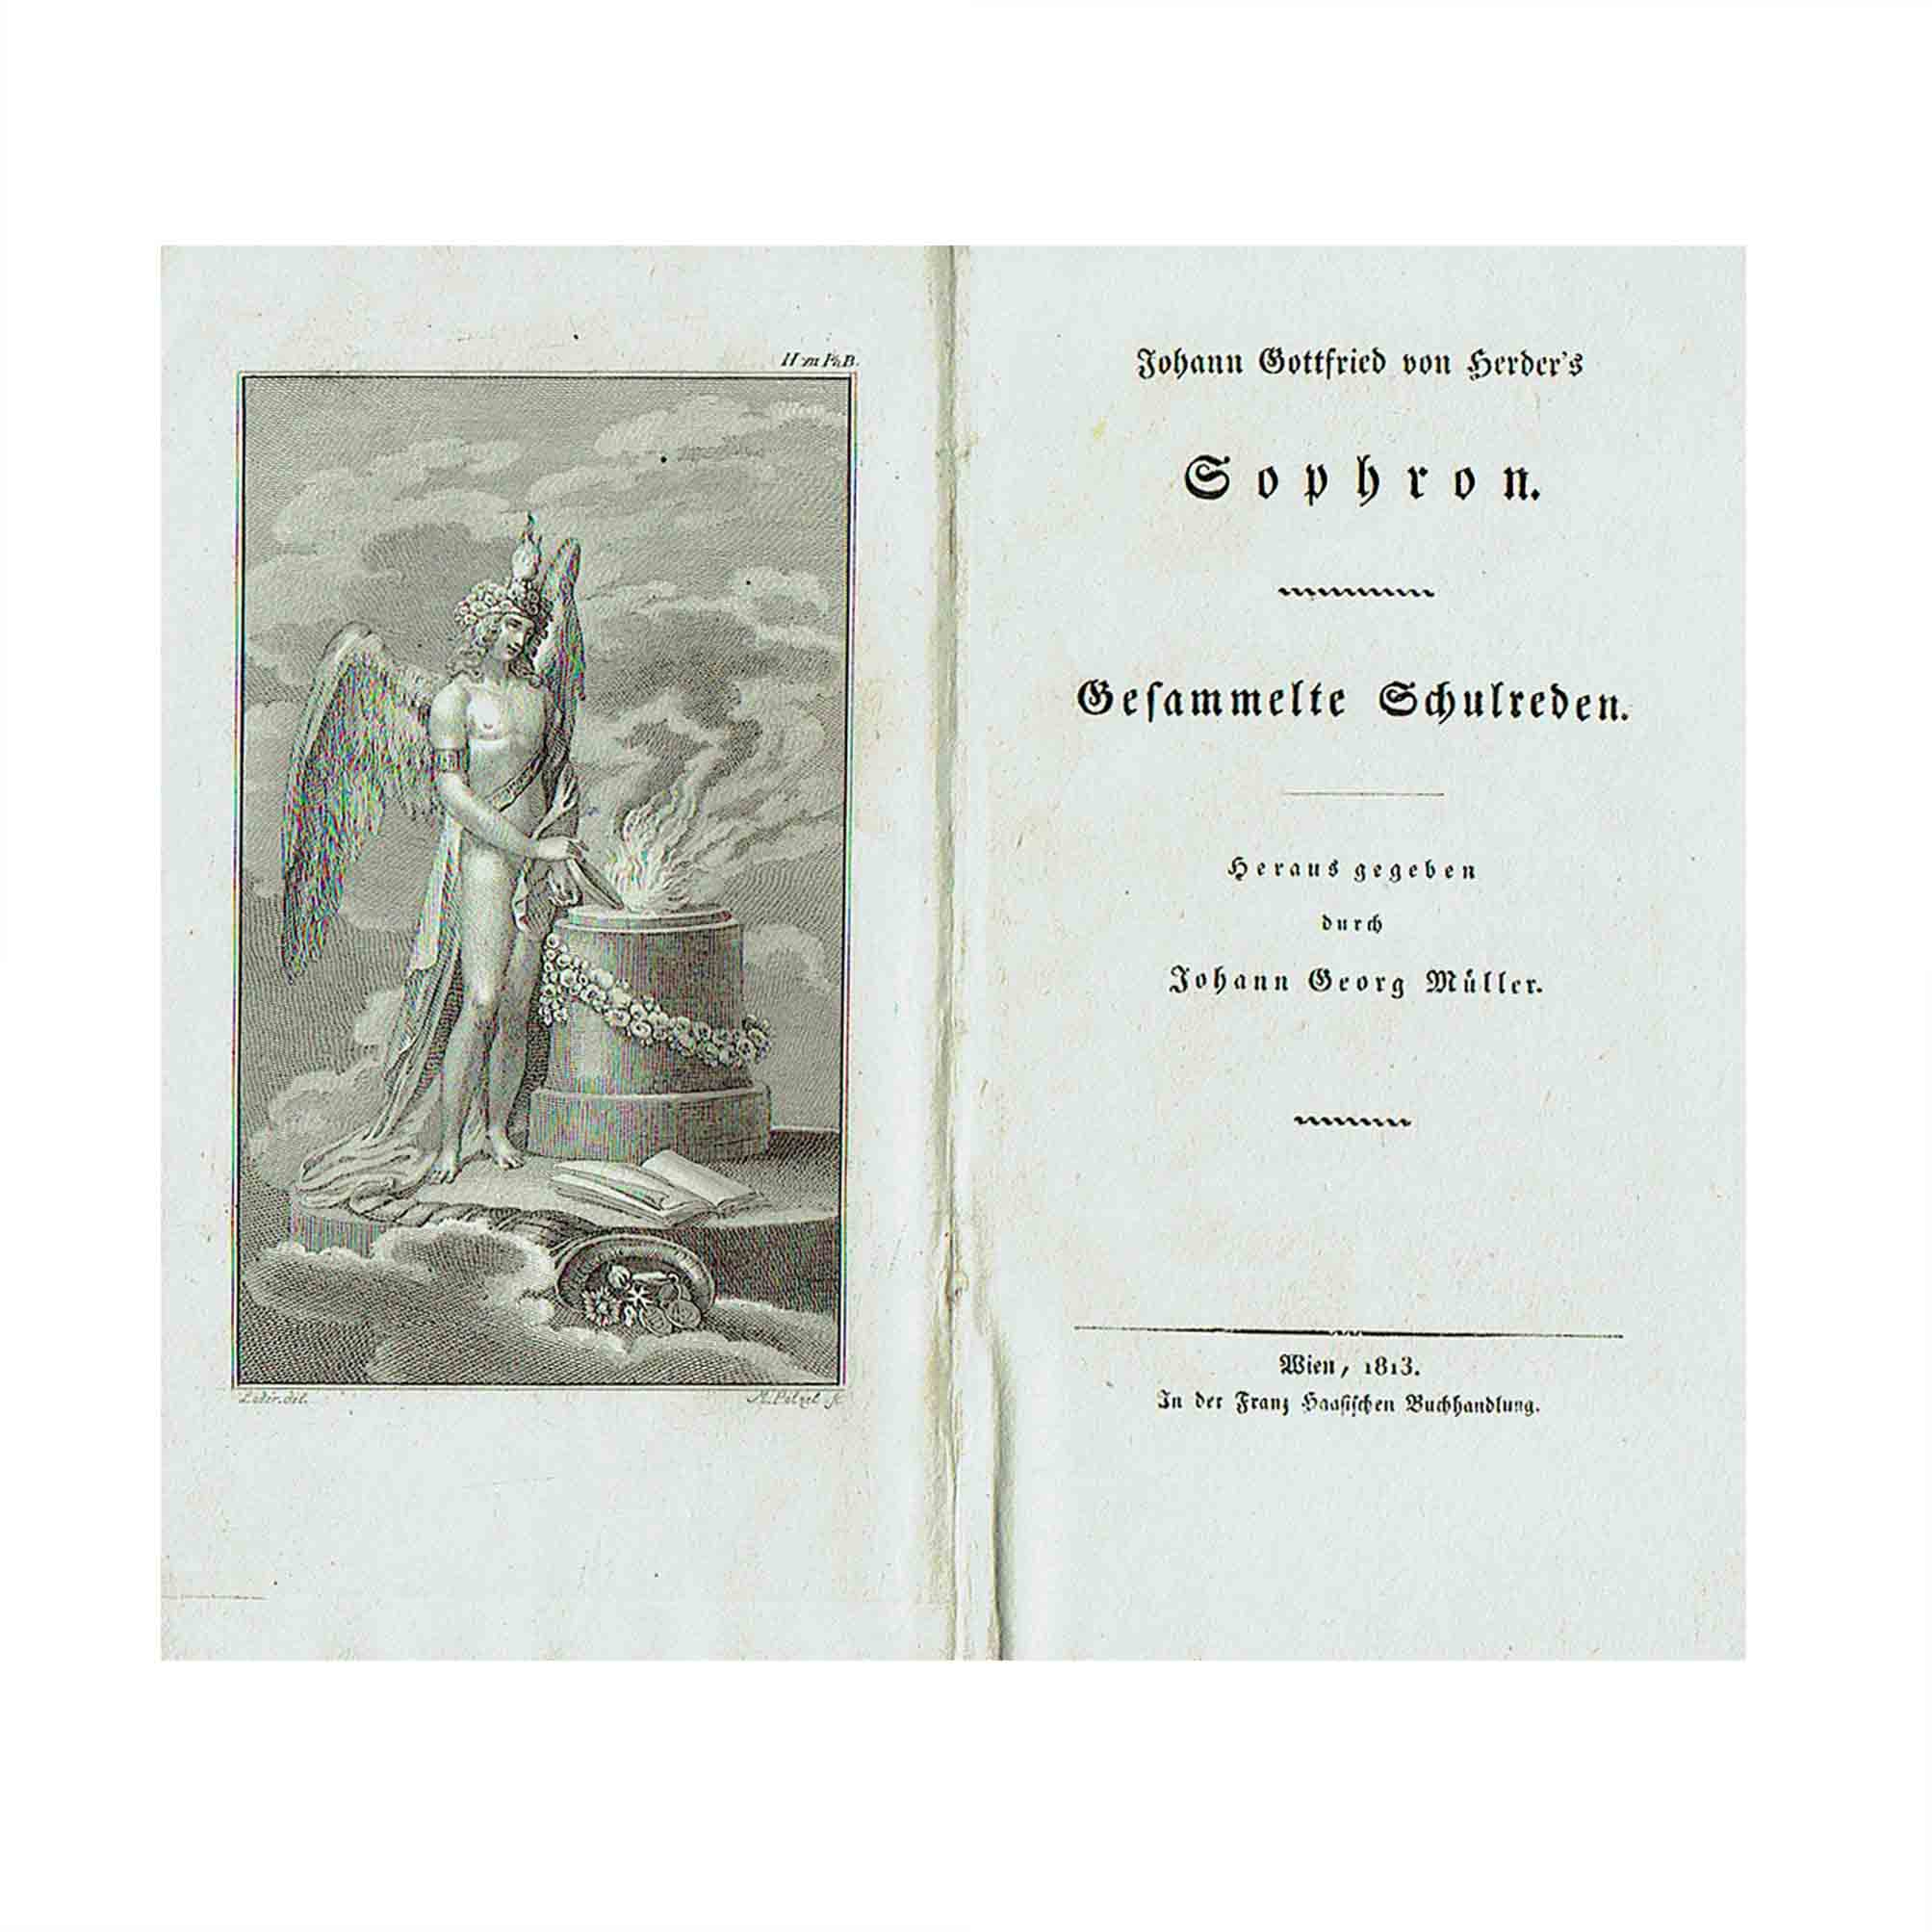 1006-Herder-Sophron-Zensur-1813-Frontispiz-Titel-A-N.jpg